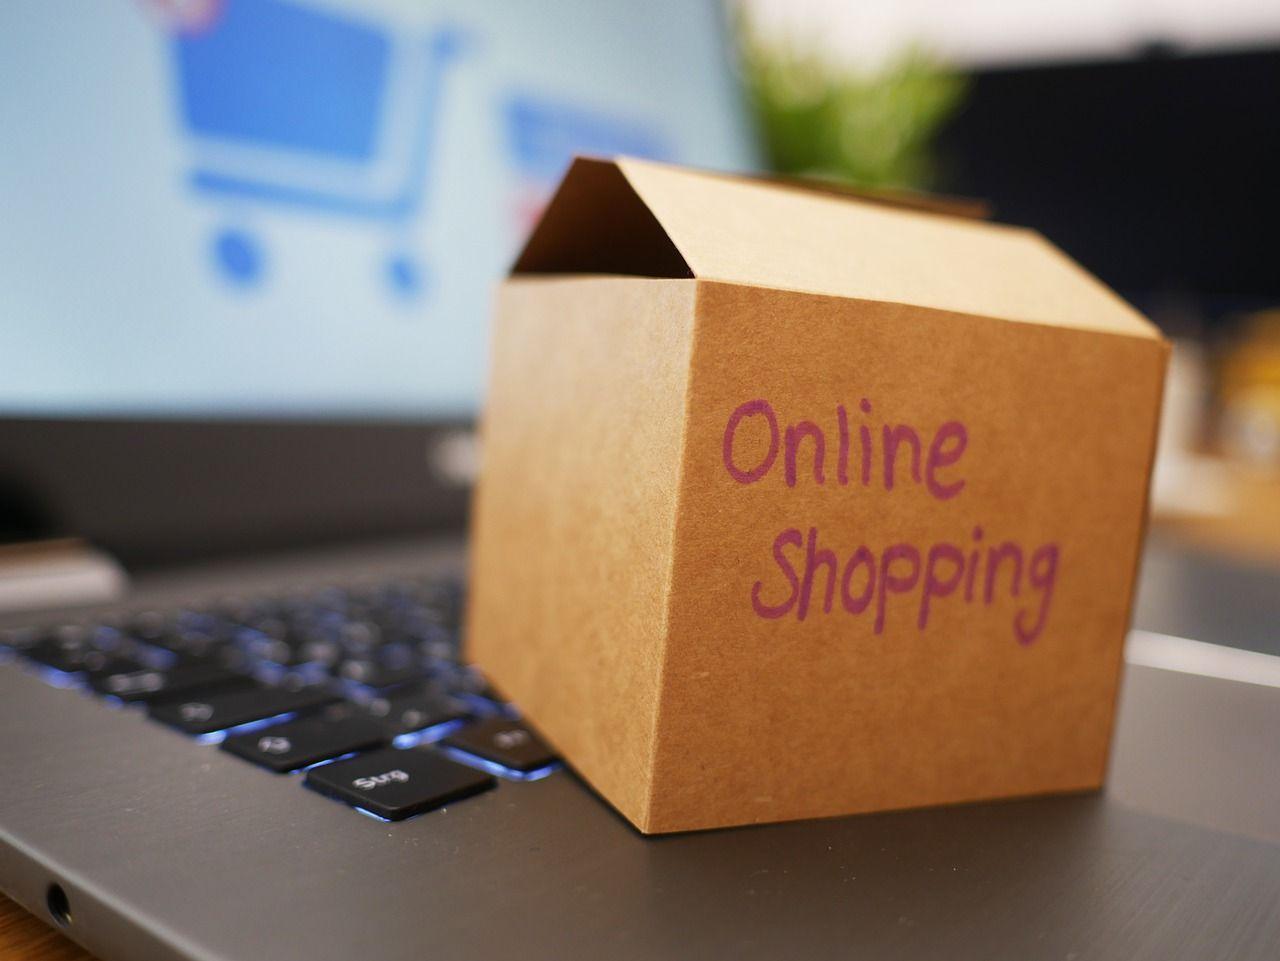 Amazon vill att vi ska shoppa mindre